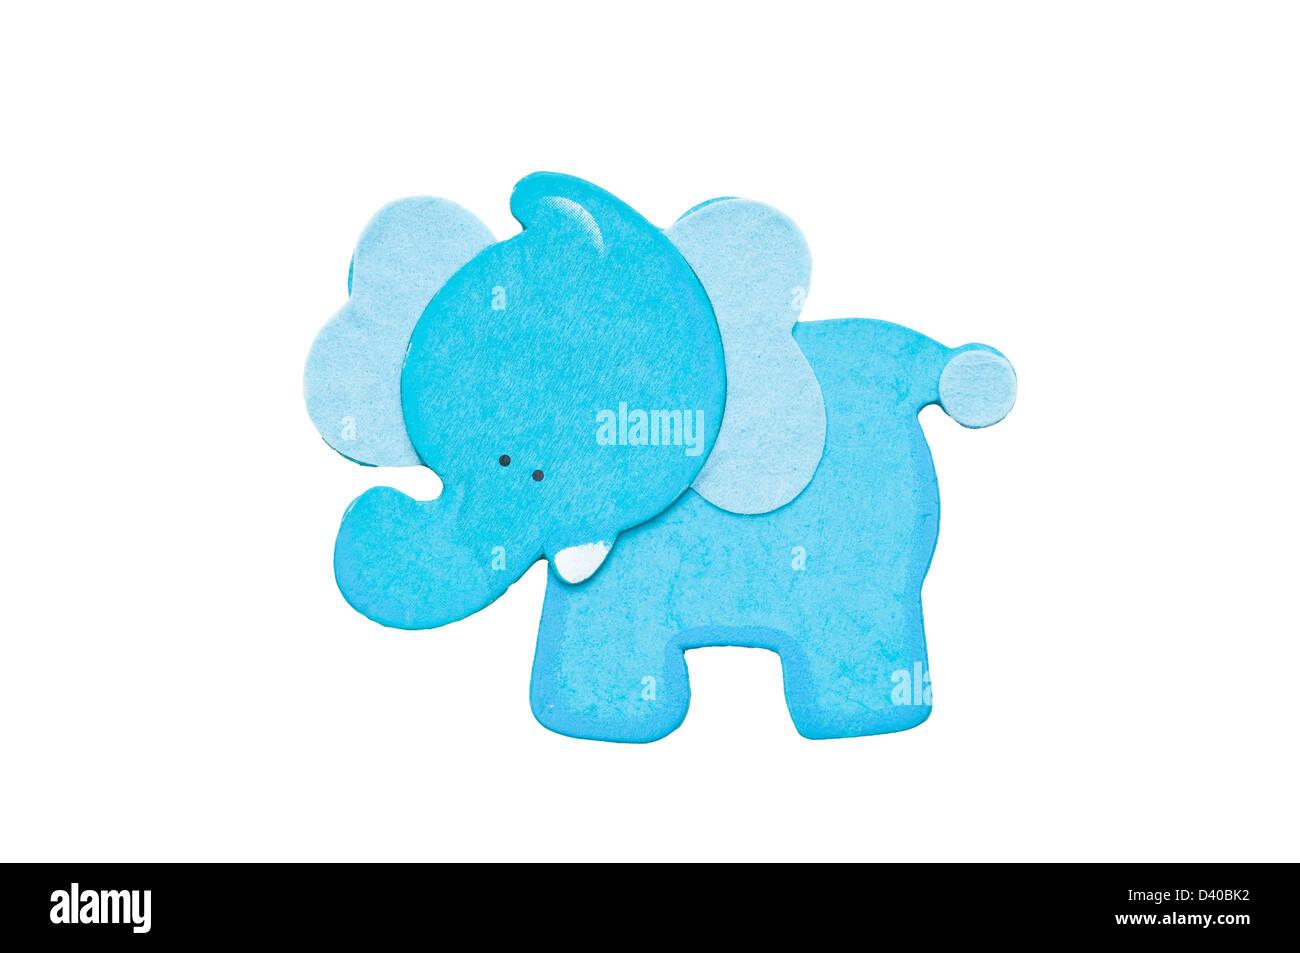 Blue elephant isolated on - Stock Image